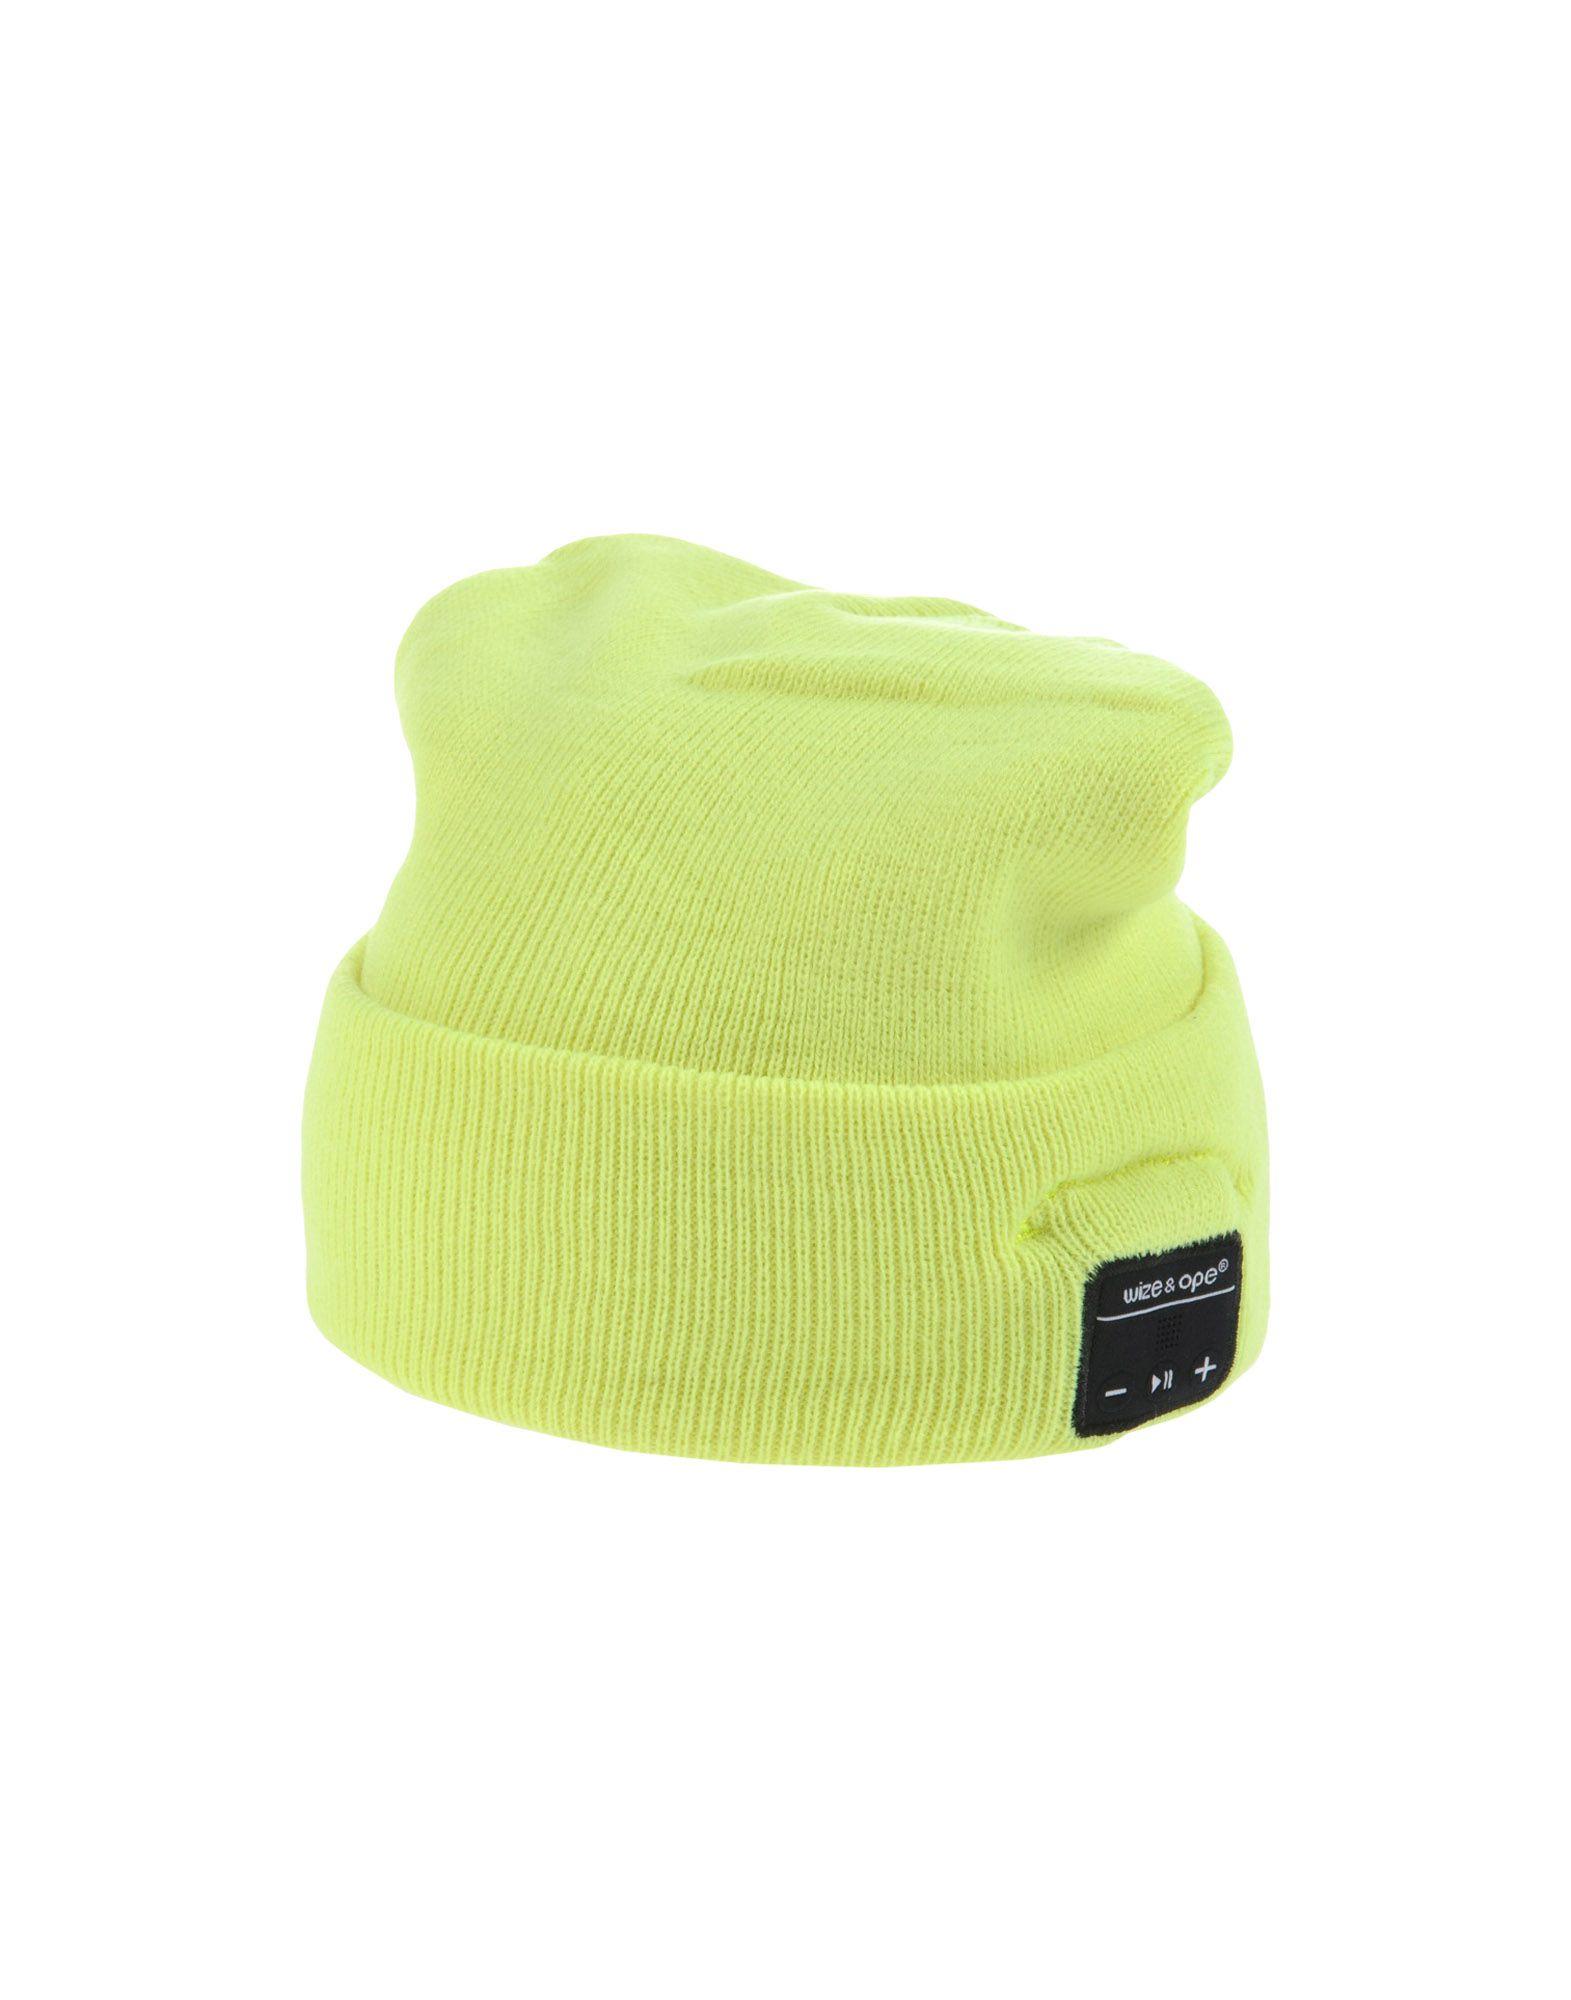 《送料無料》WIZE & OPE レディース 帽子 イエロー one size アクリル 100%